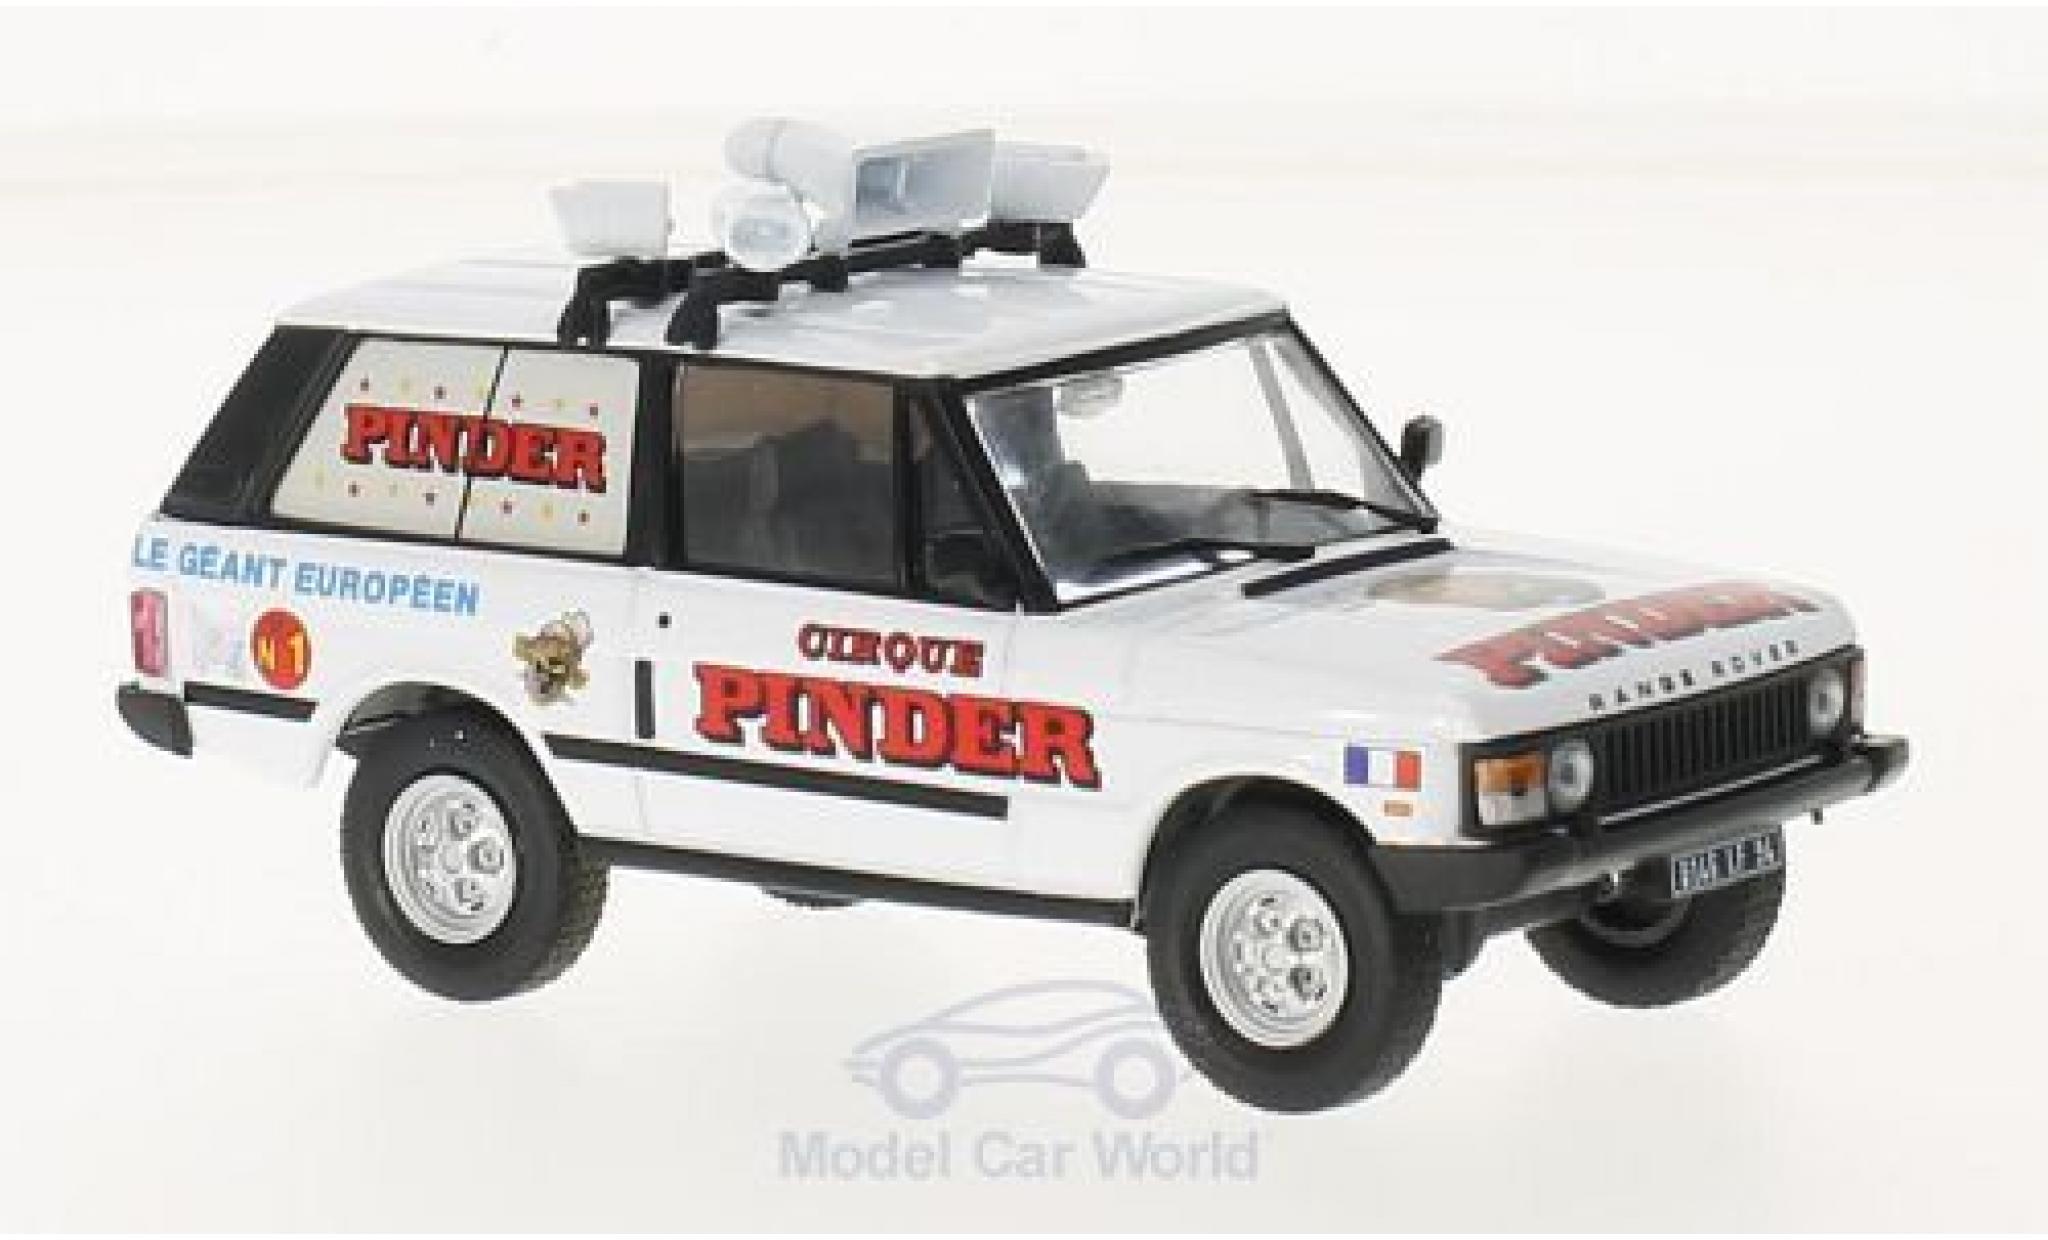 Land Rover Range Rover 1/18 SpecialC 87 Pinder ohne Vitrine